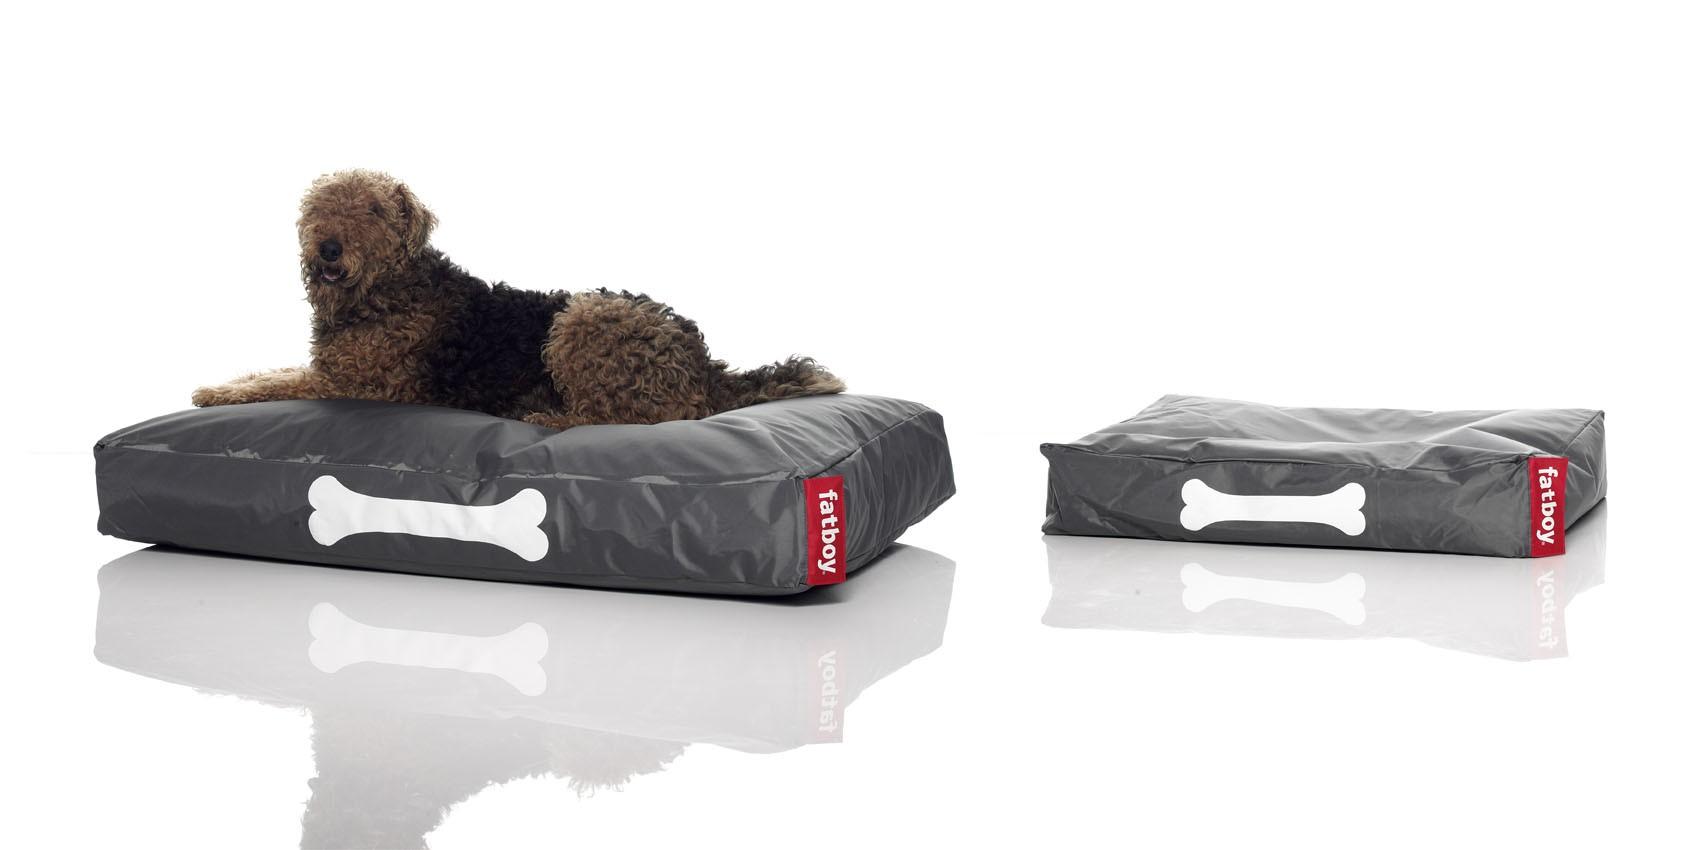 Grand Coussin Pour Exterieur coussin pour chien doggielounge de fatboy, grand modèle, gris foncé